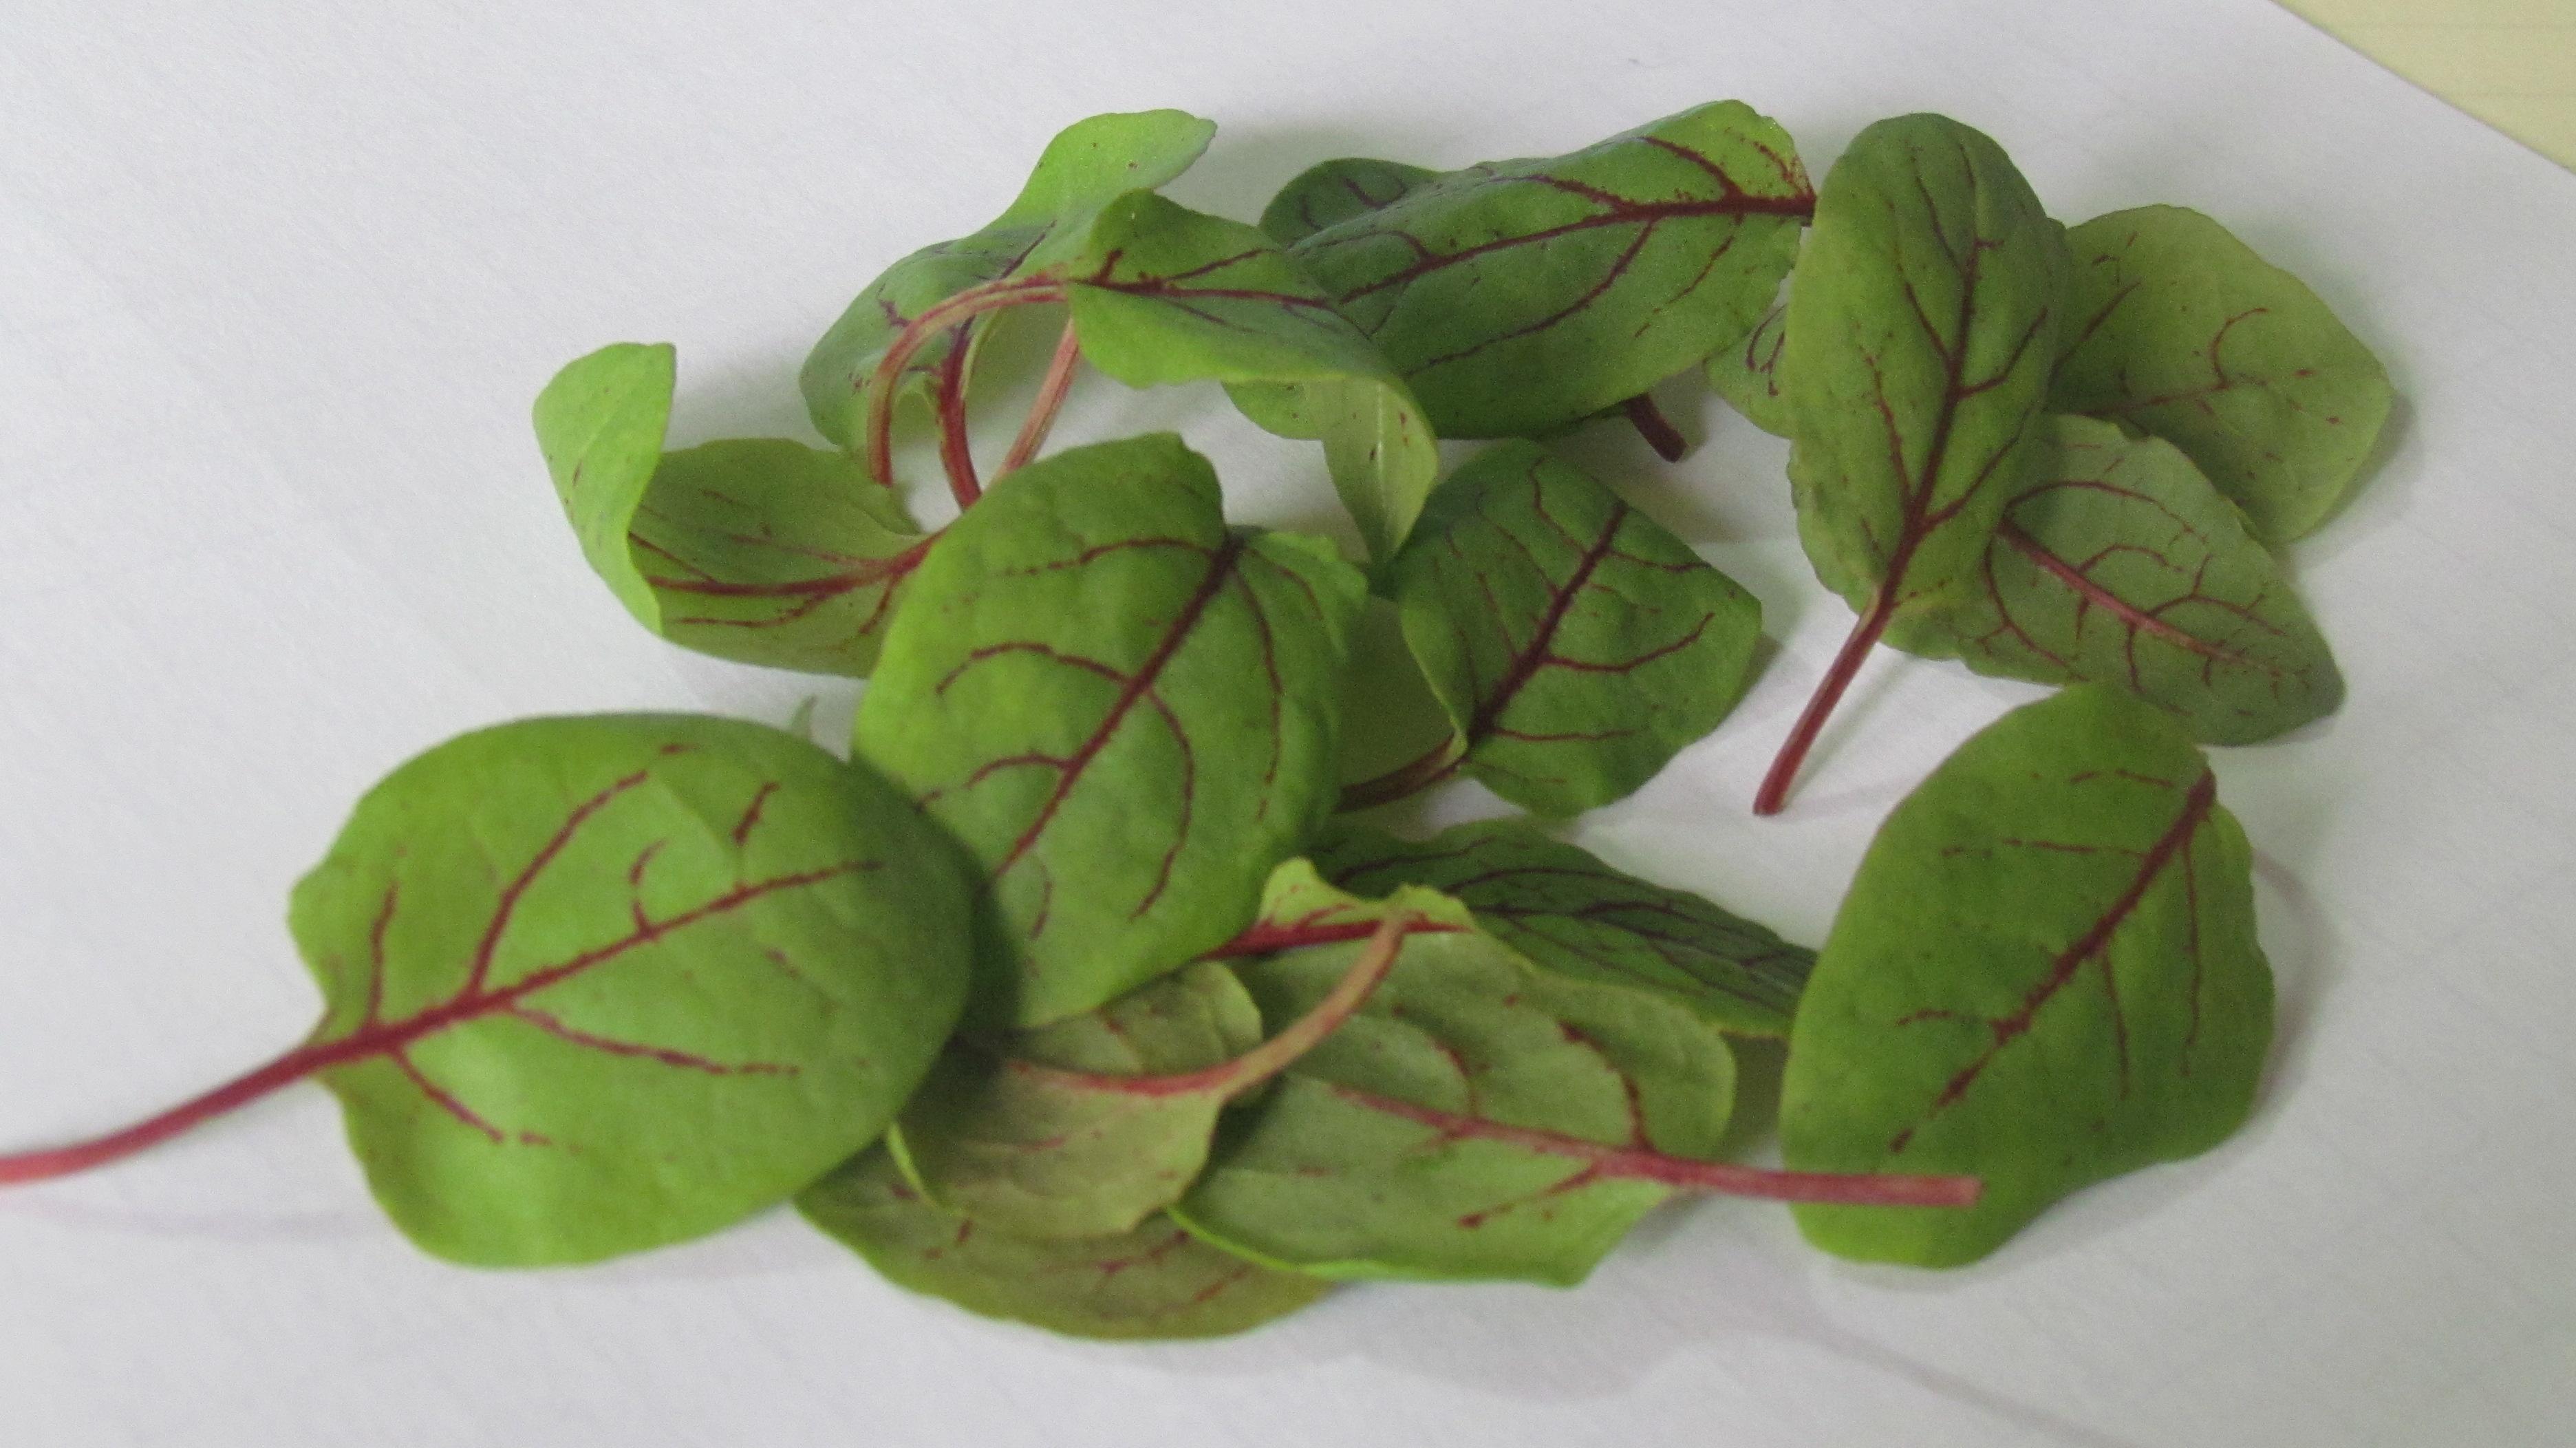 新鲜叶片 酸膜 红酸膜草 酸模叶 可食用 30片左右/盒图片